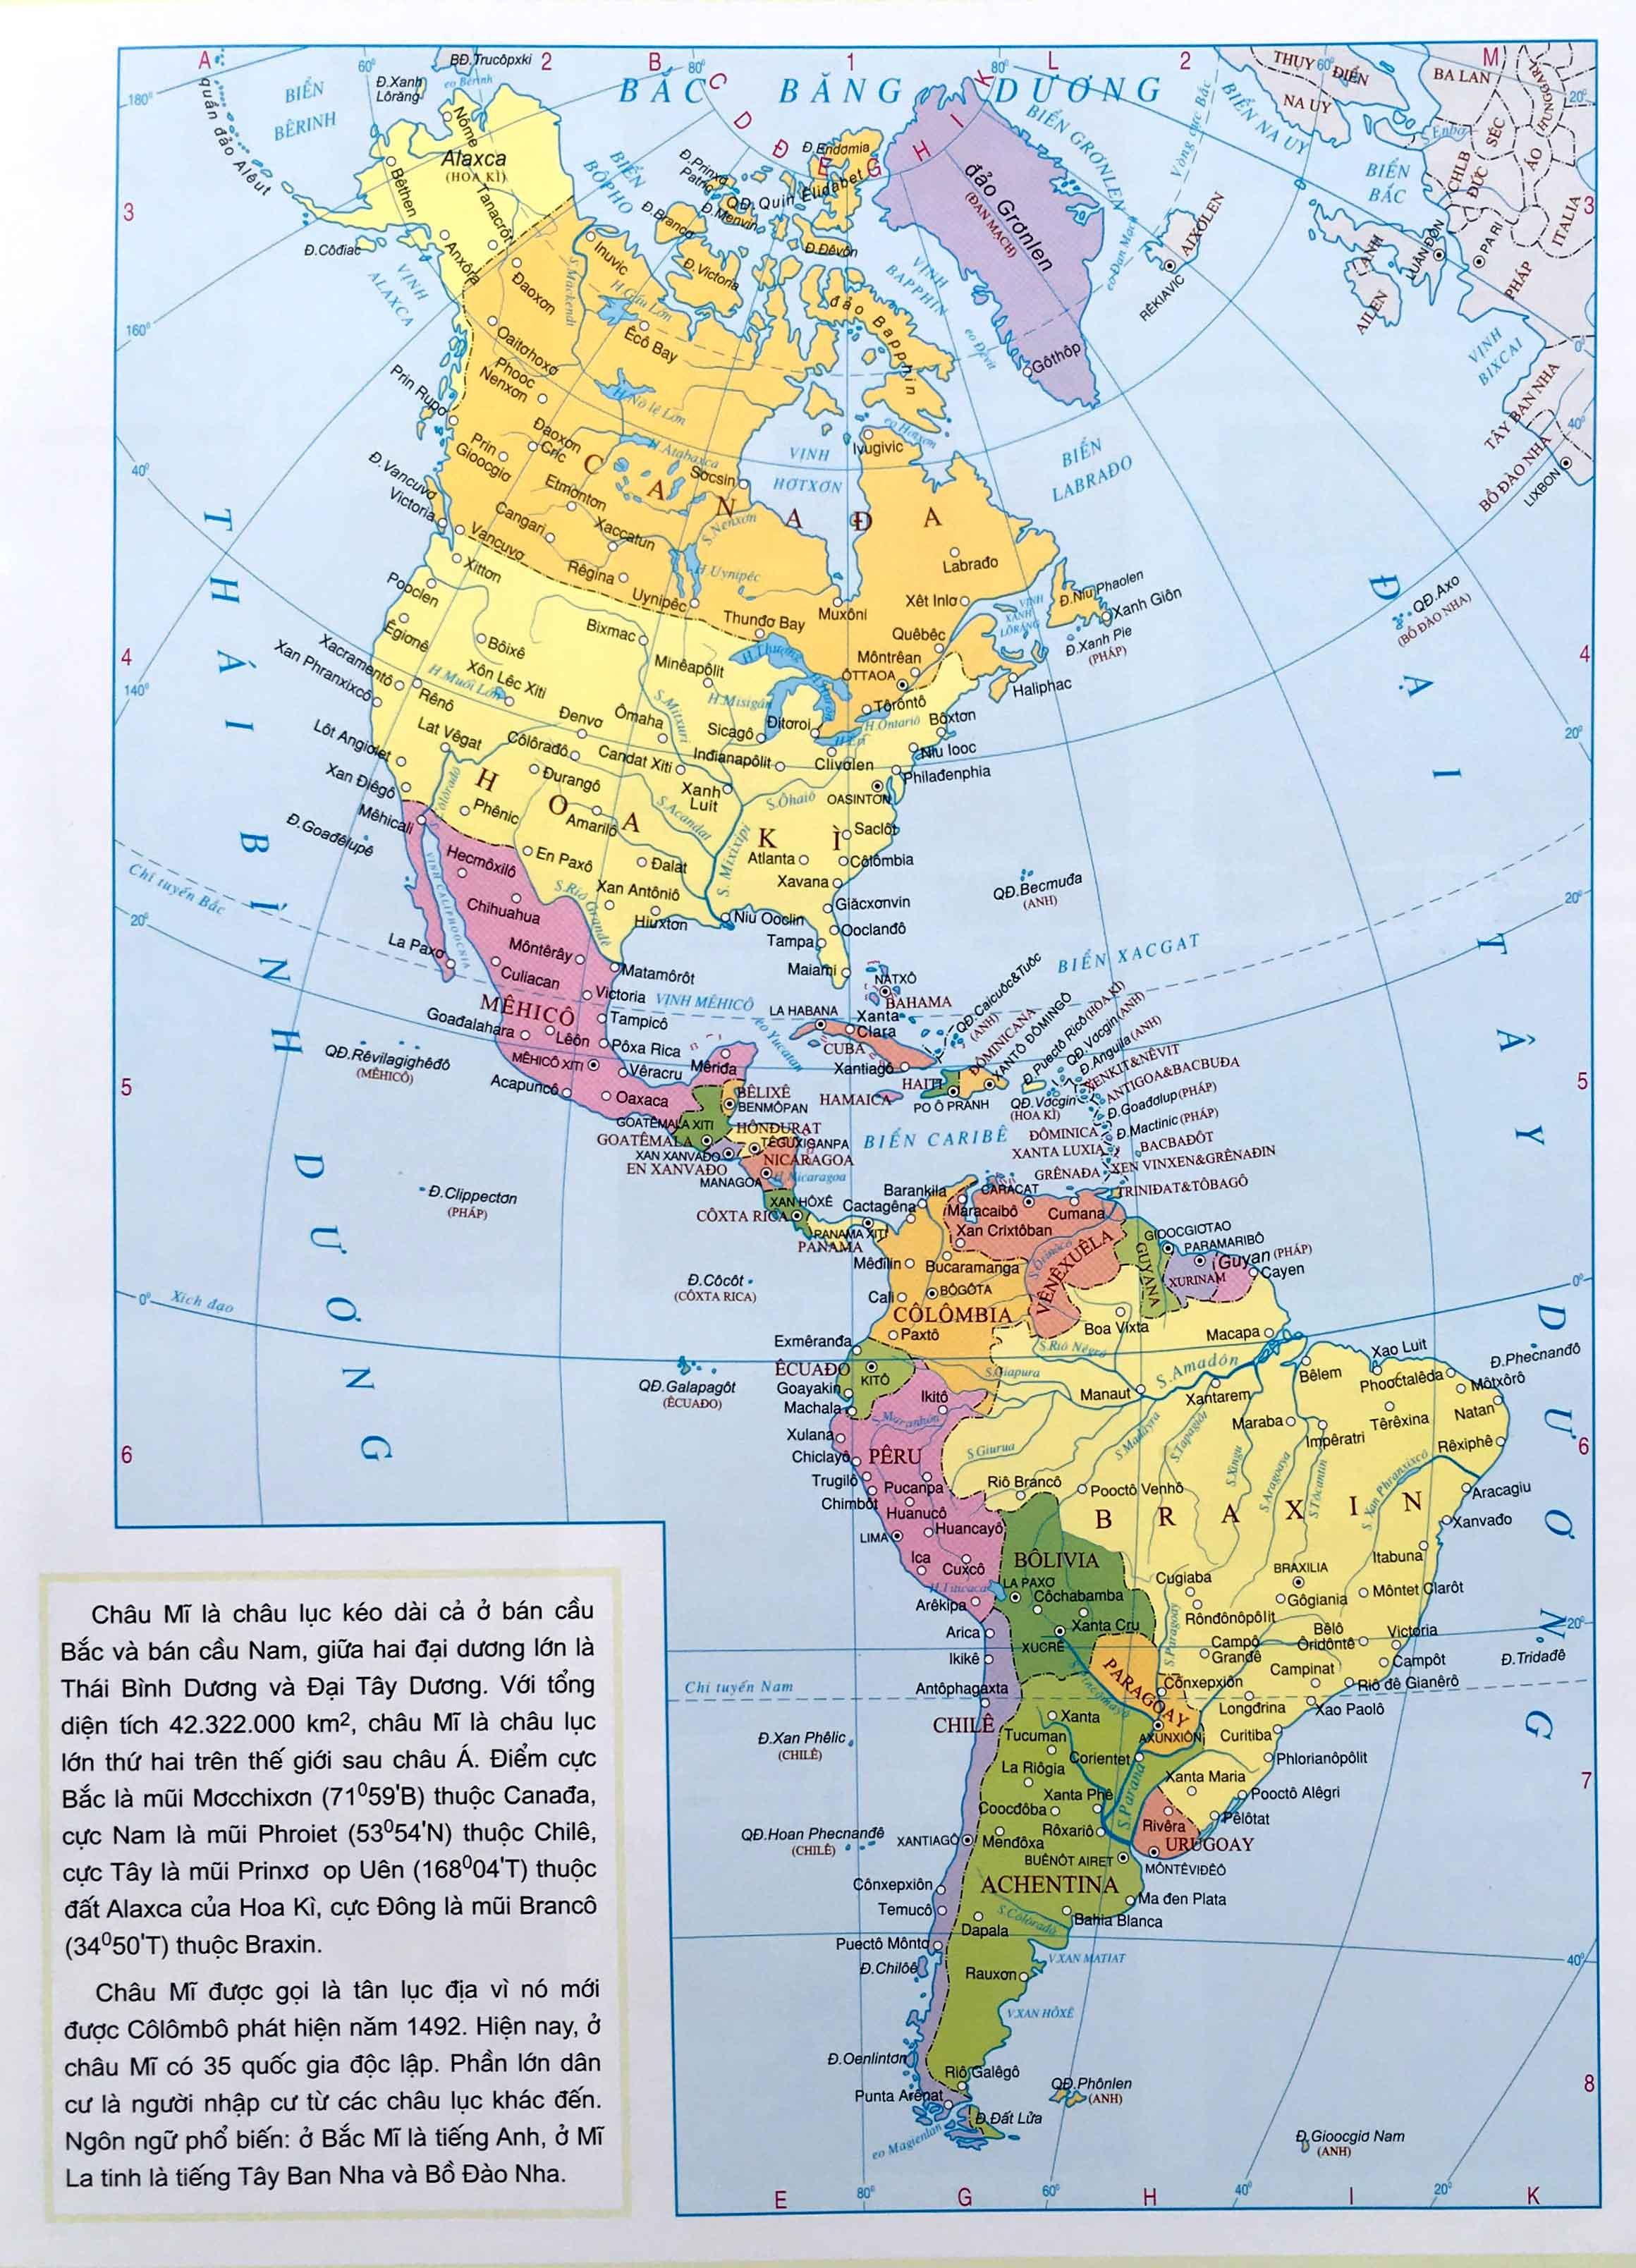 Bản đồ thế giới Châu Mỹ